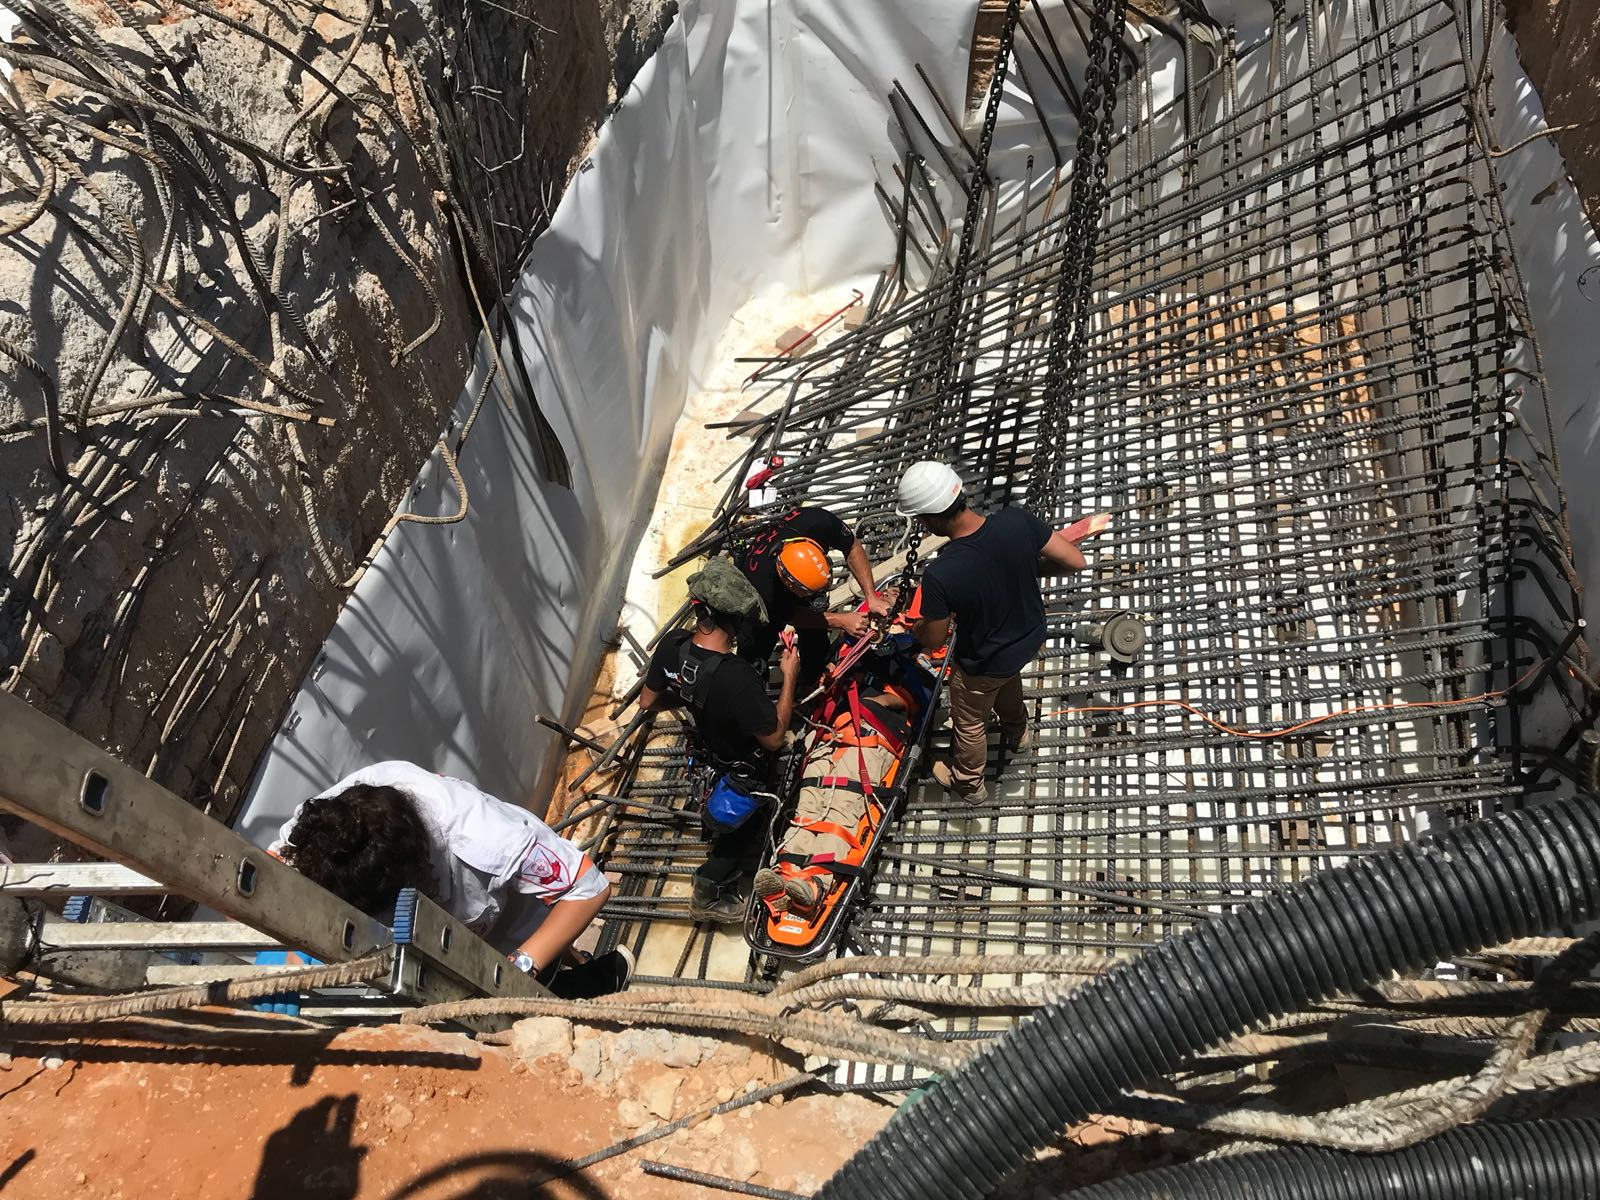 """תיעוד: קריסה באתר בנייה בפ""""ת – שני פועלים נפלו לפיר ונפצעו קשה"""